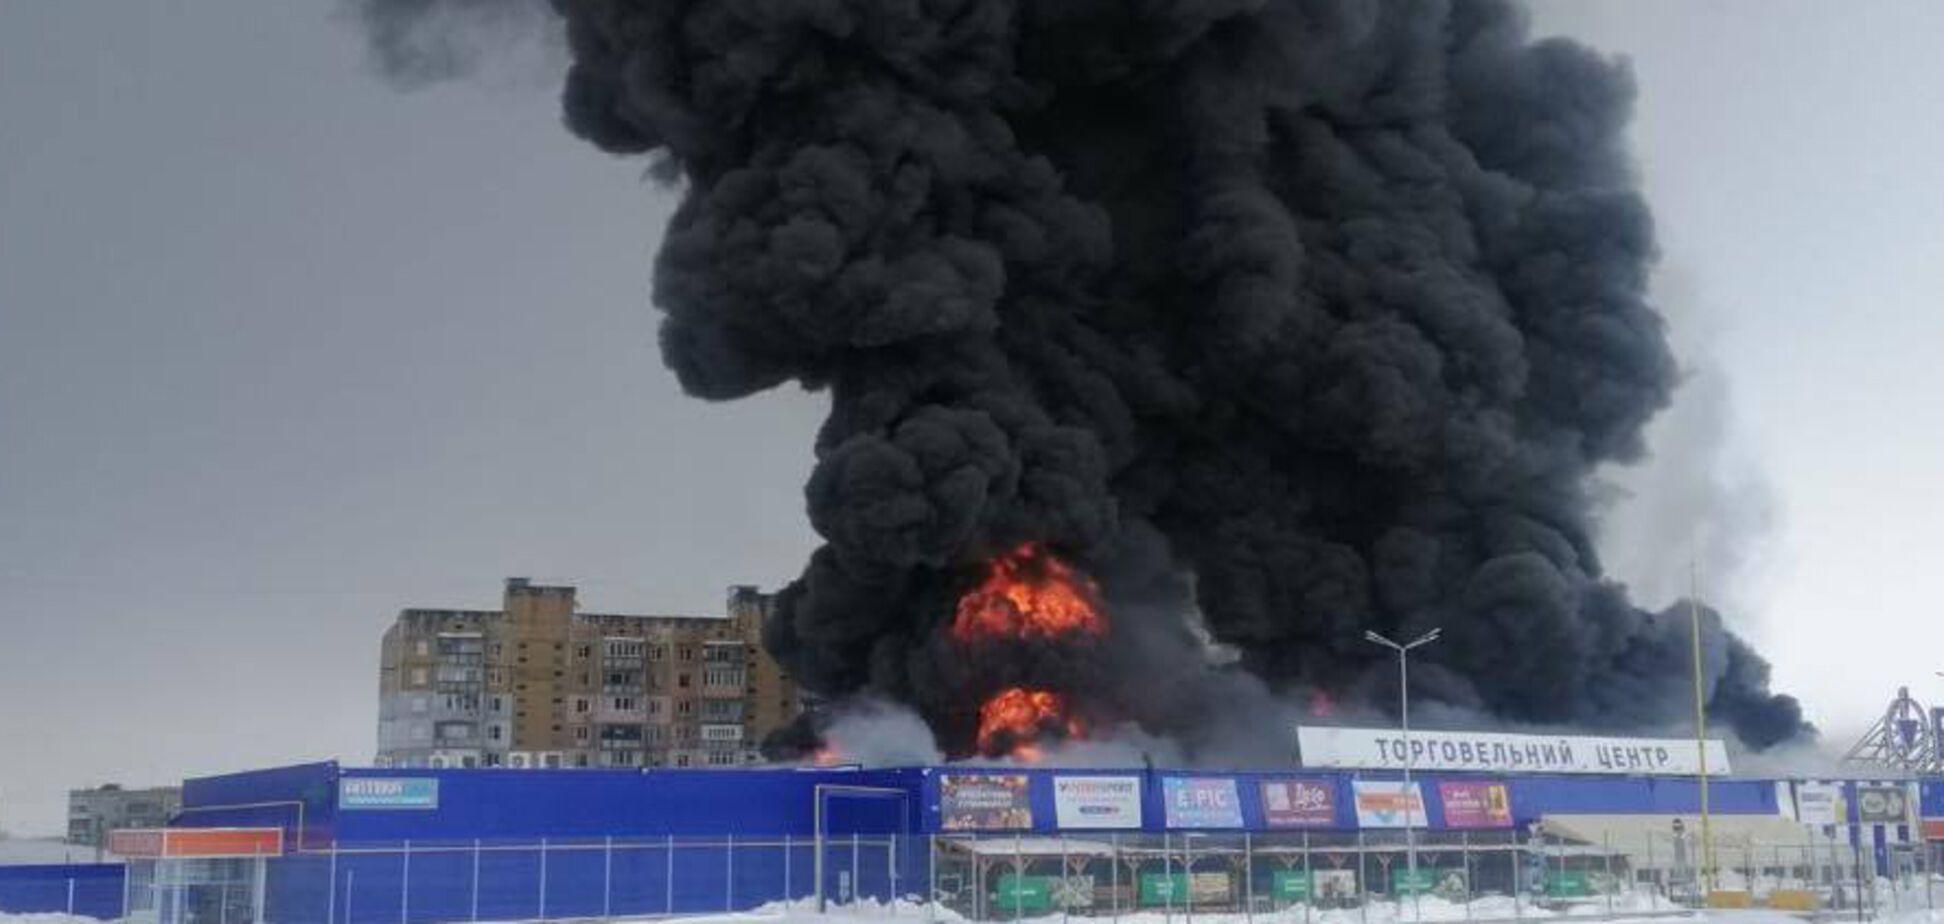 Поджигатель 'Эпицентра' в Первомайске напал на охрану с топором. Фото задержания 18+